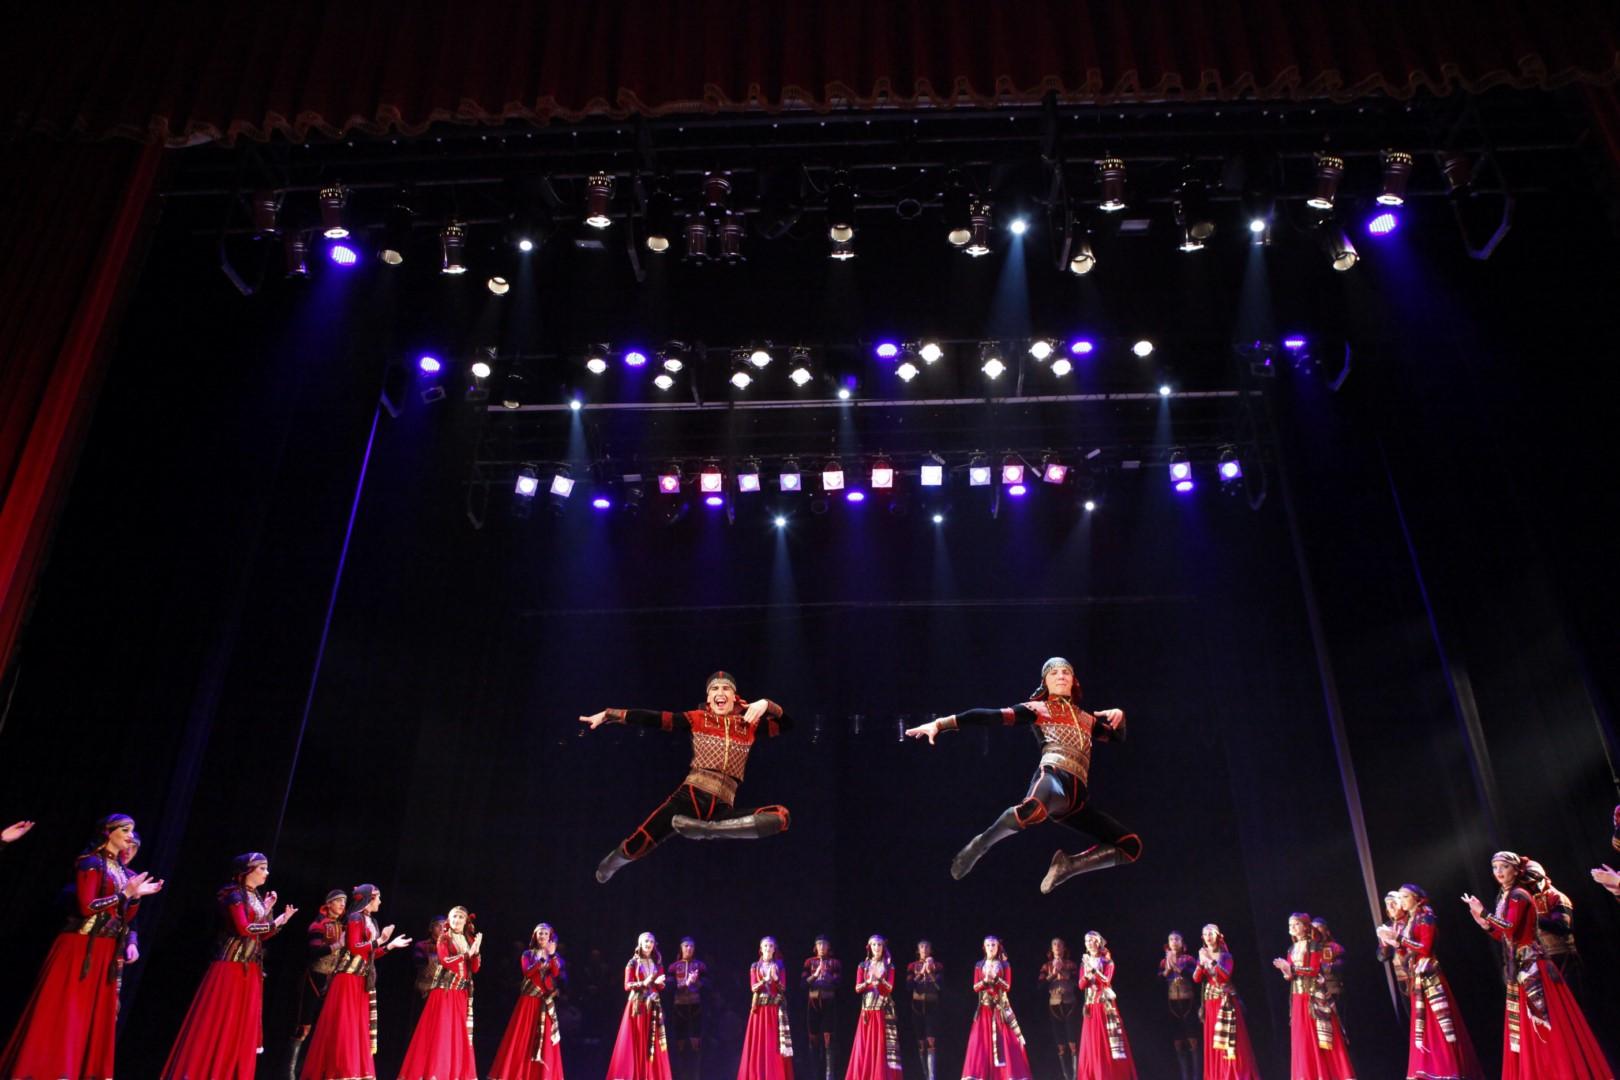 Tautiniai šokiai